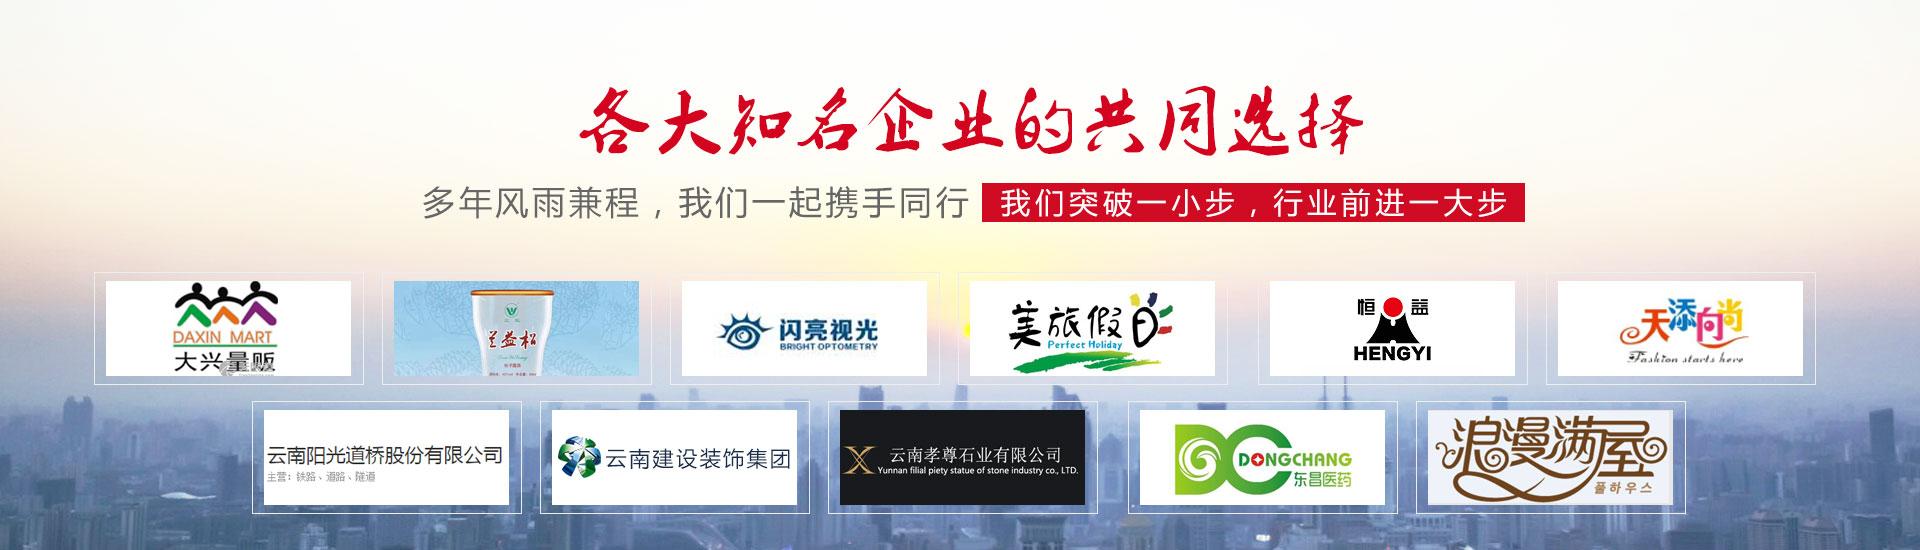 云南管理系统建设